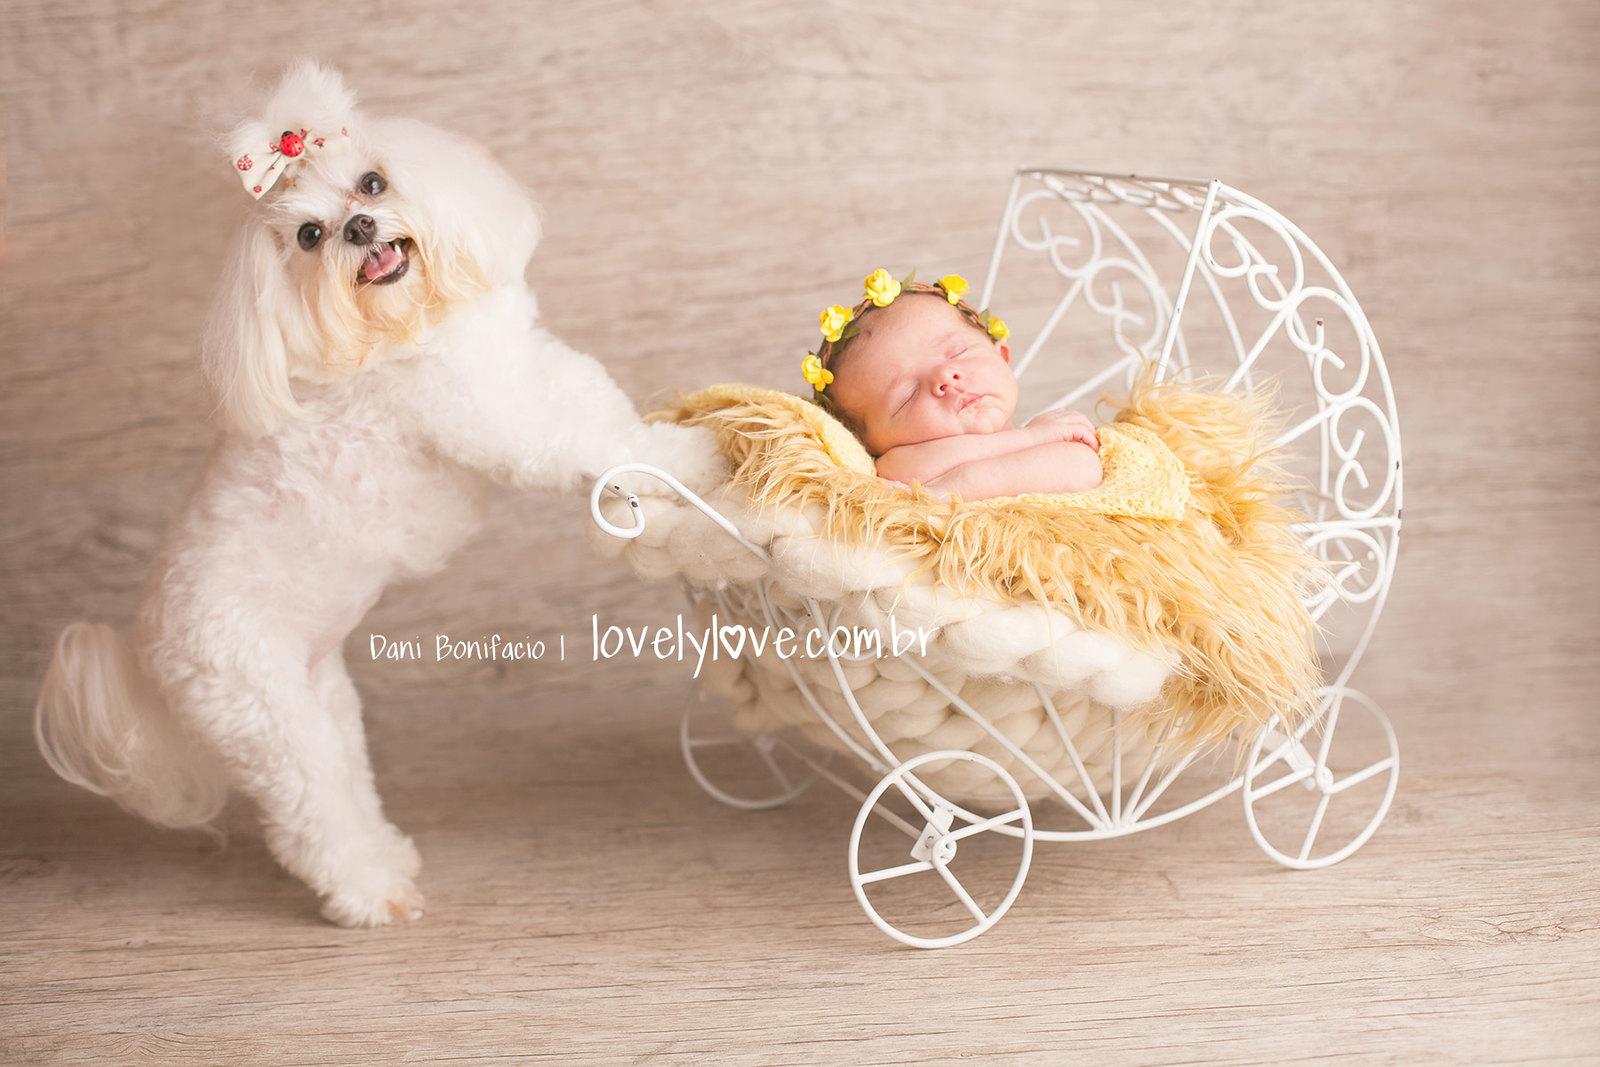 lovelylove-danibonifacio-newborn-acompanhamentobebe-ensaio-fotografia-foto-fotografa8